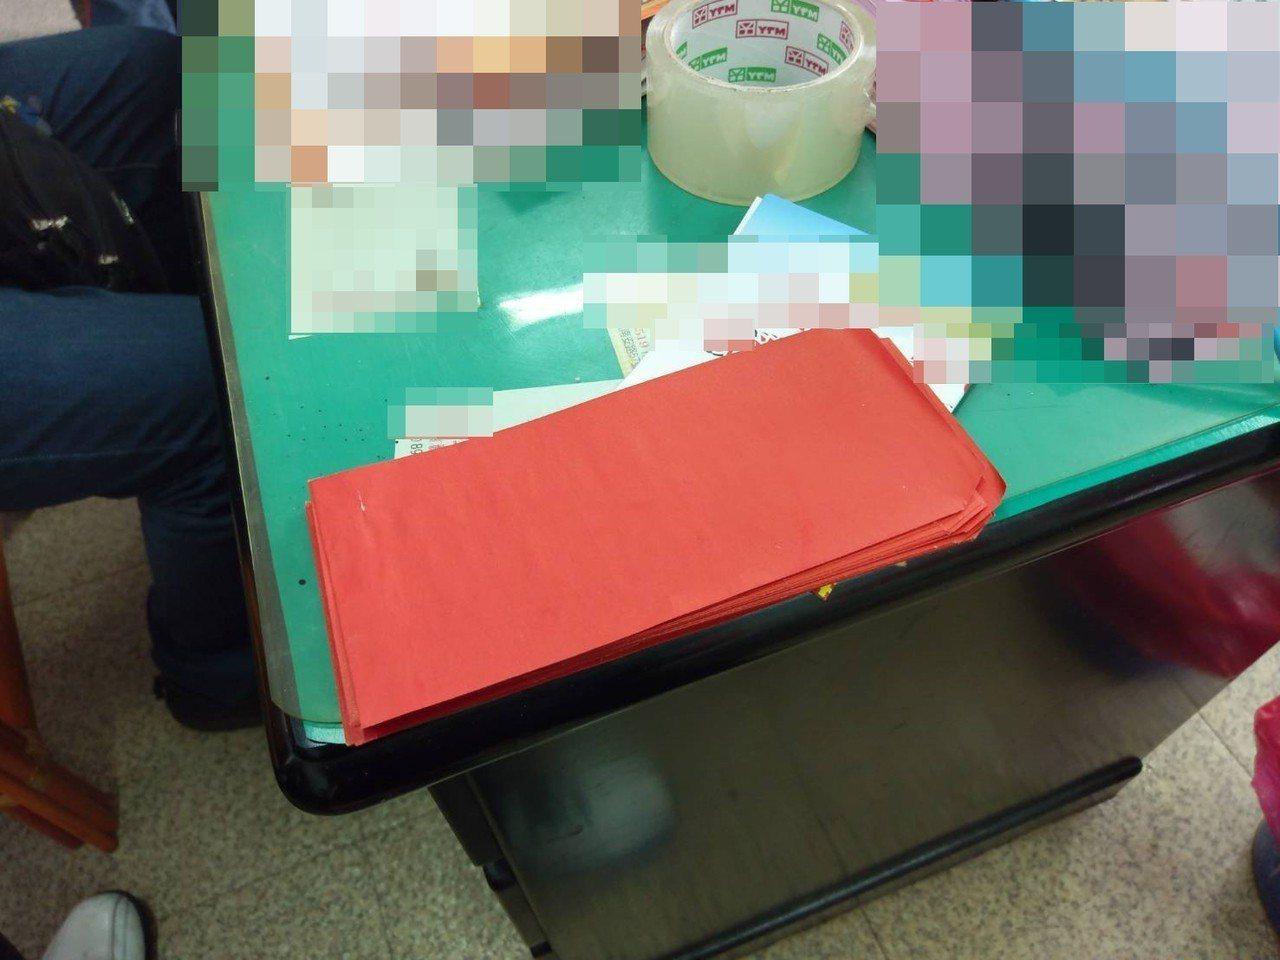 陳姓樁腳以紅包袋裝現金涉嫌向選民行賄。記者林敬家/翻攝